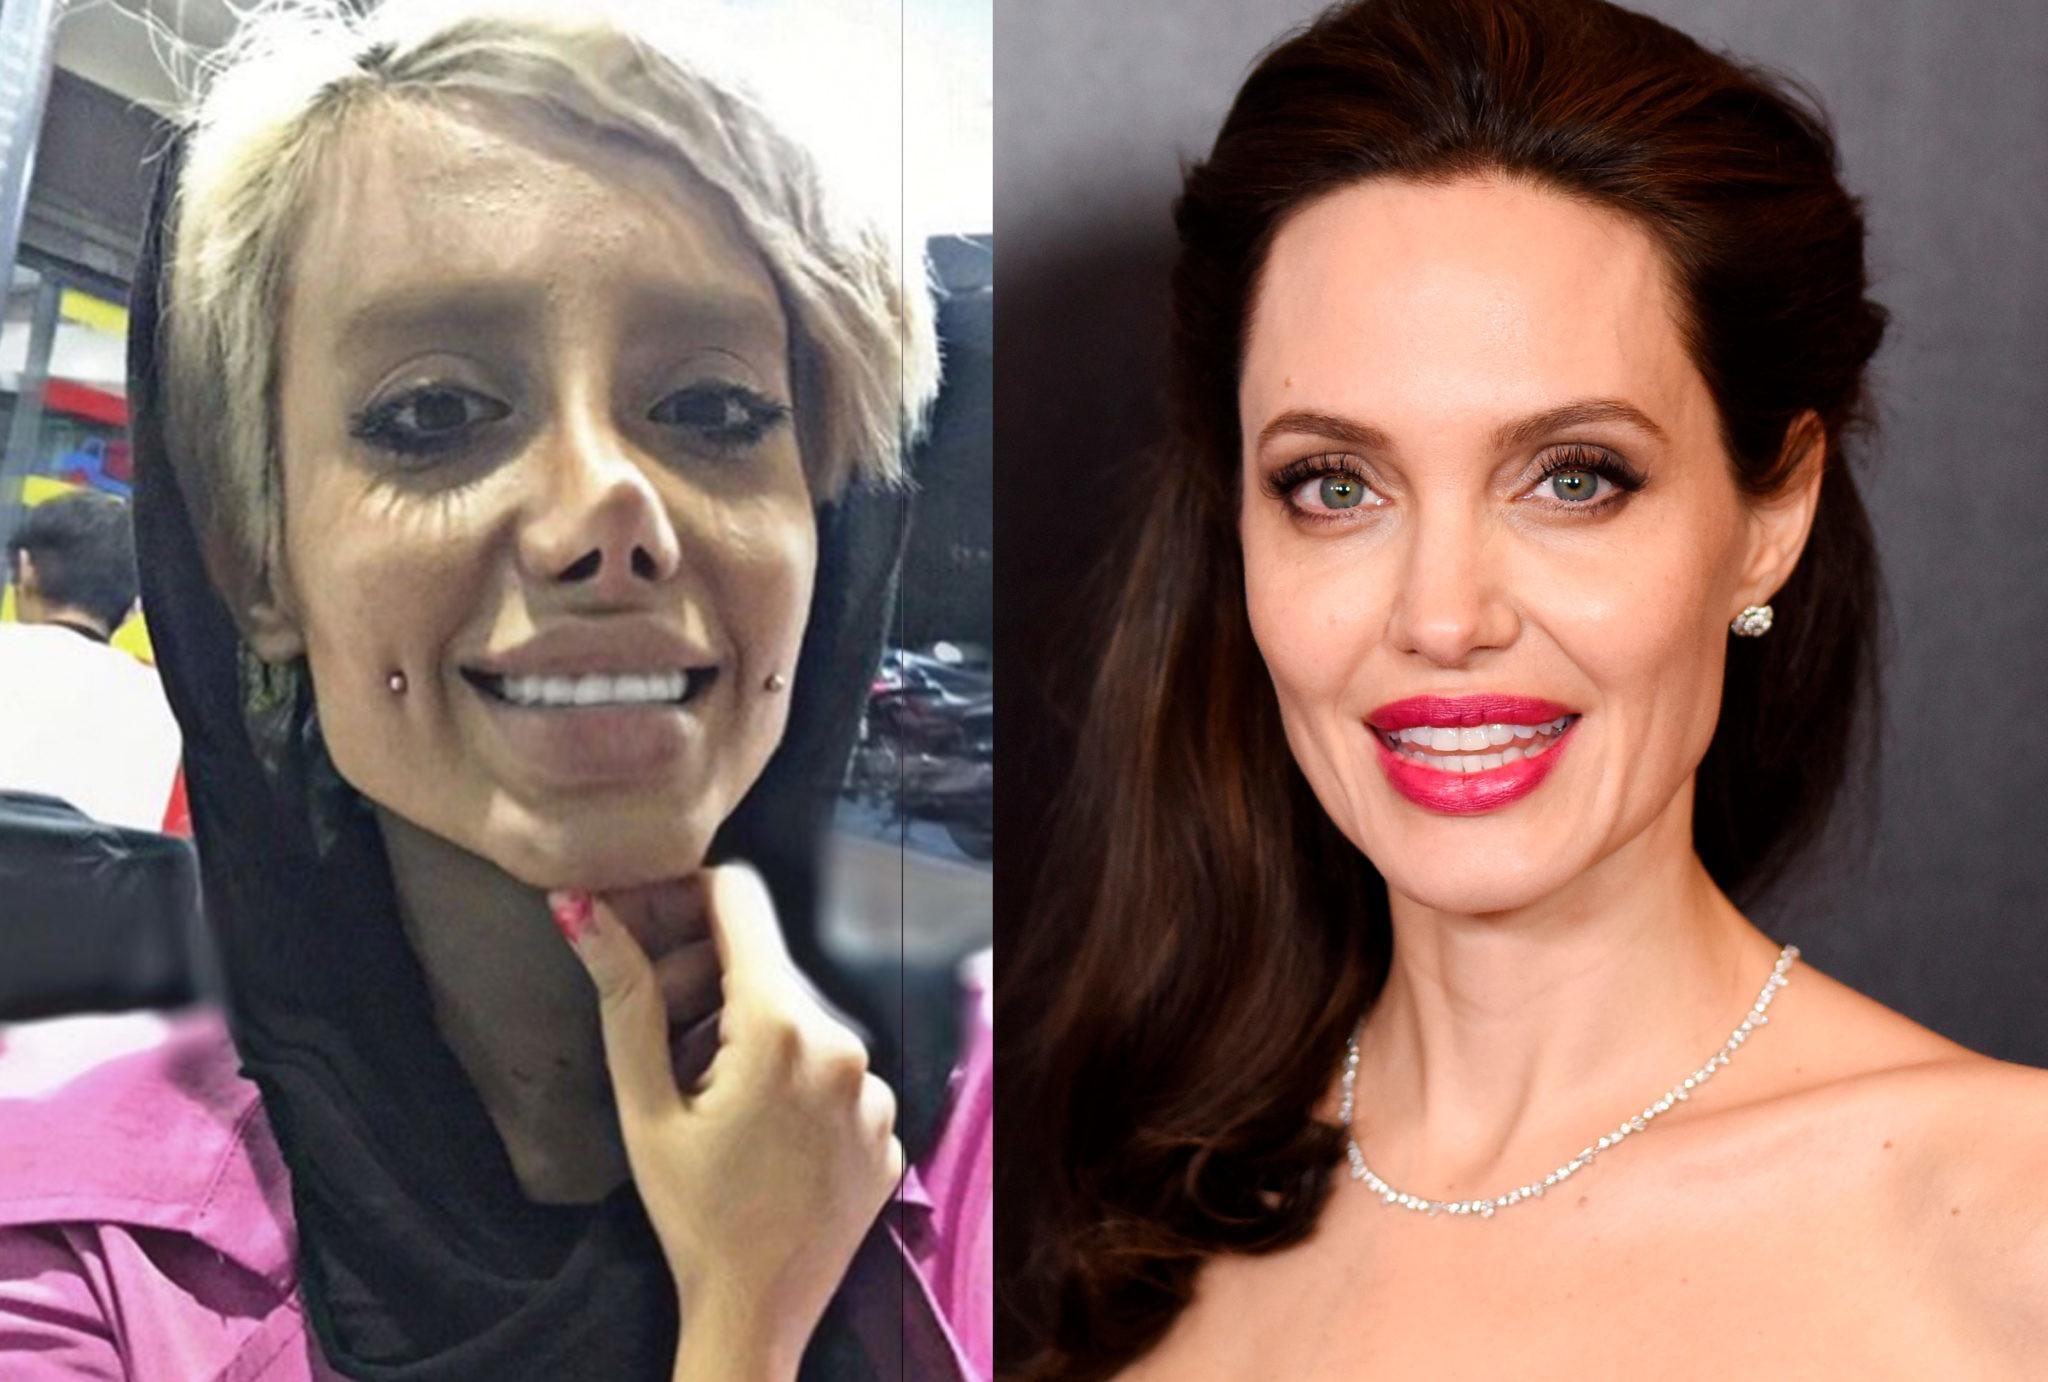 Что сделала с собой эта женщина, чтобы быть похожей на Джоли?